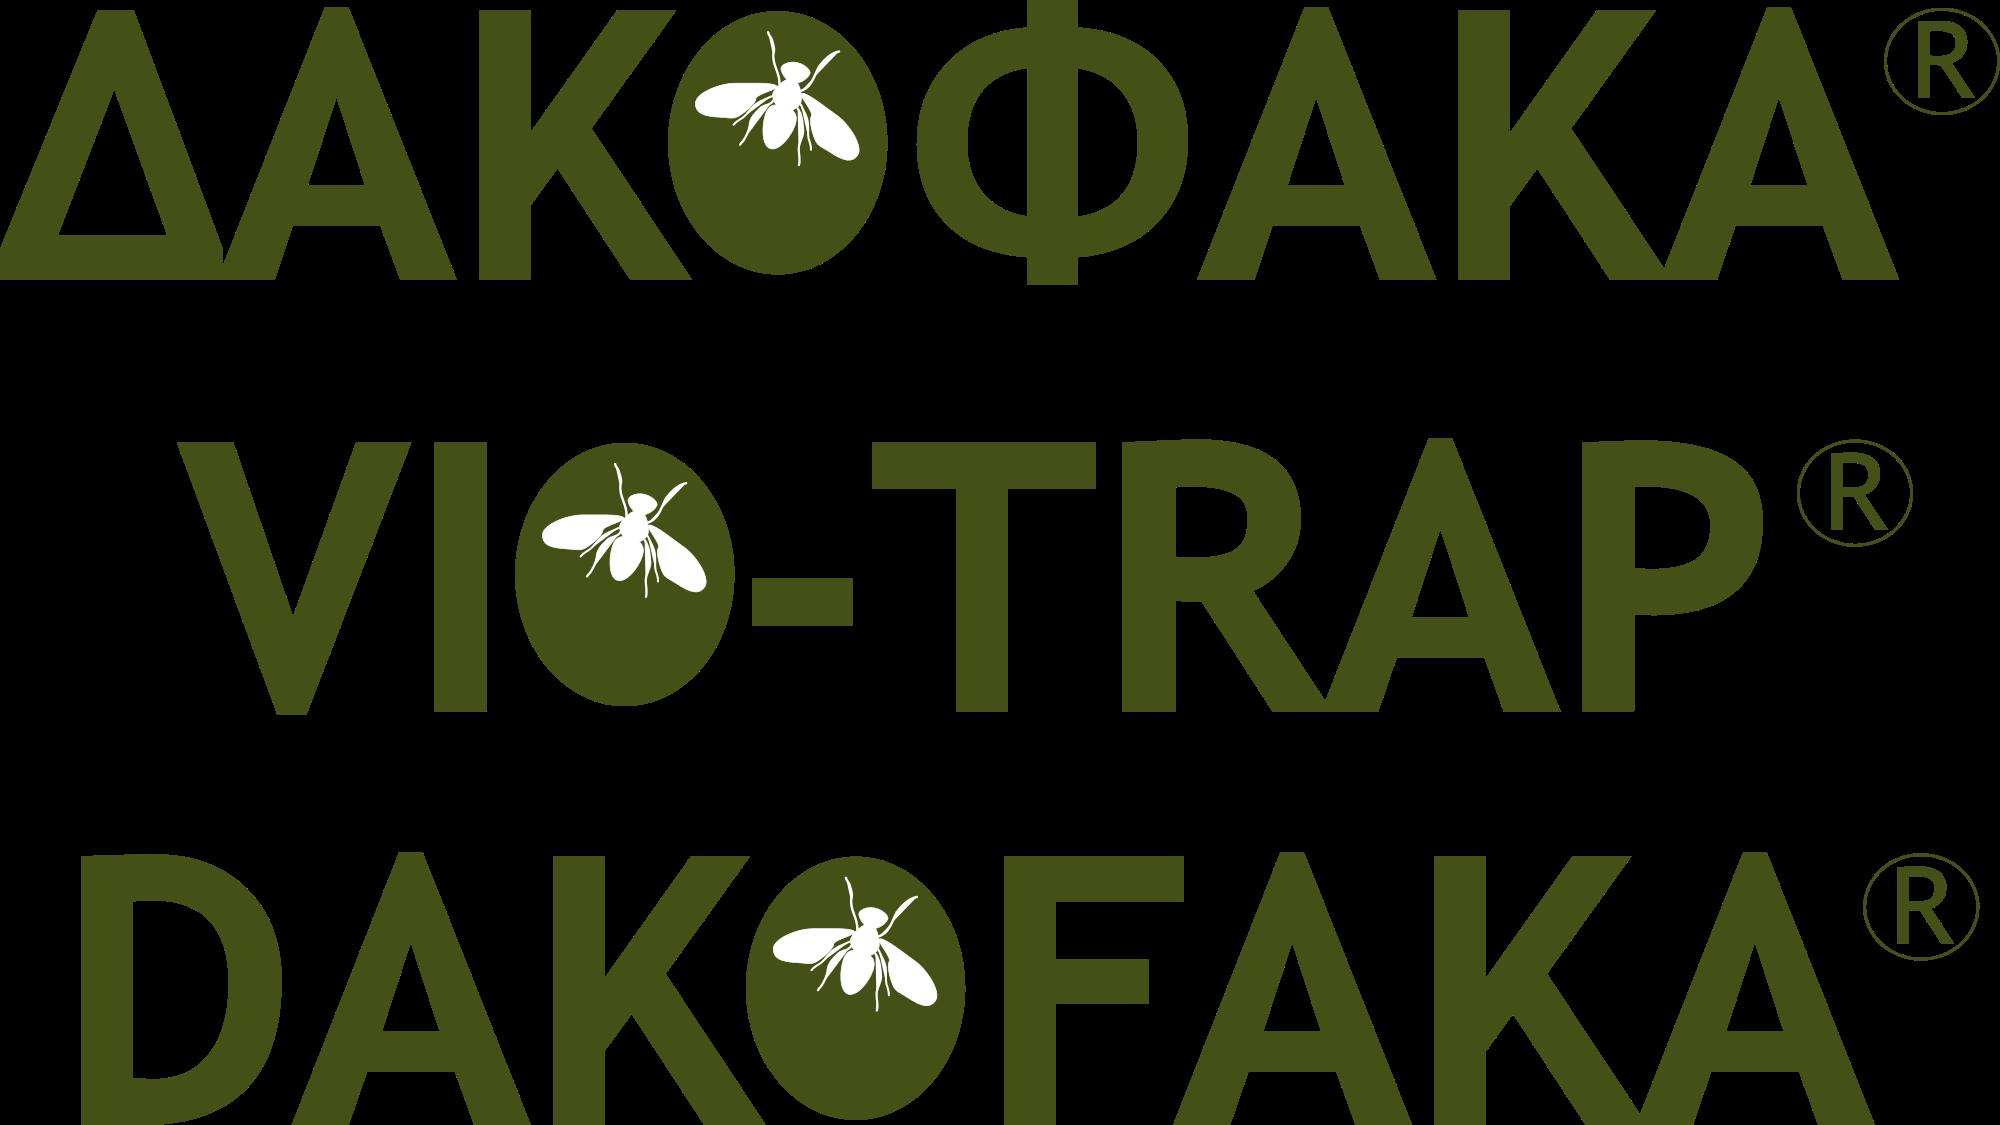 Δακοφάκα | Dakofaka | Viotrap